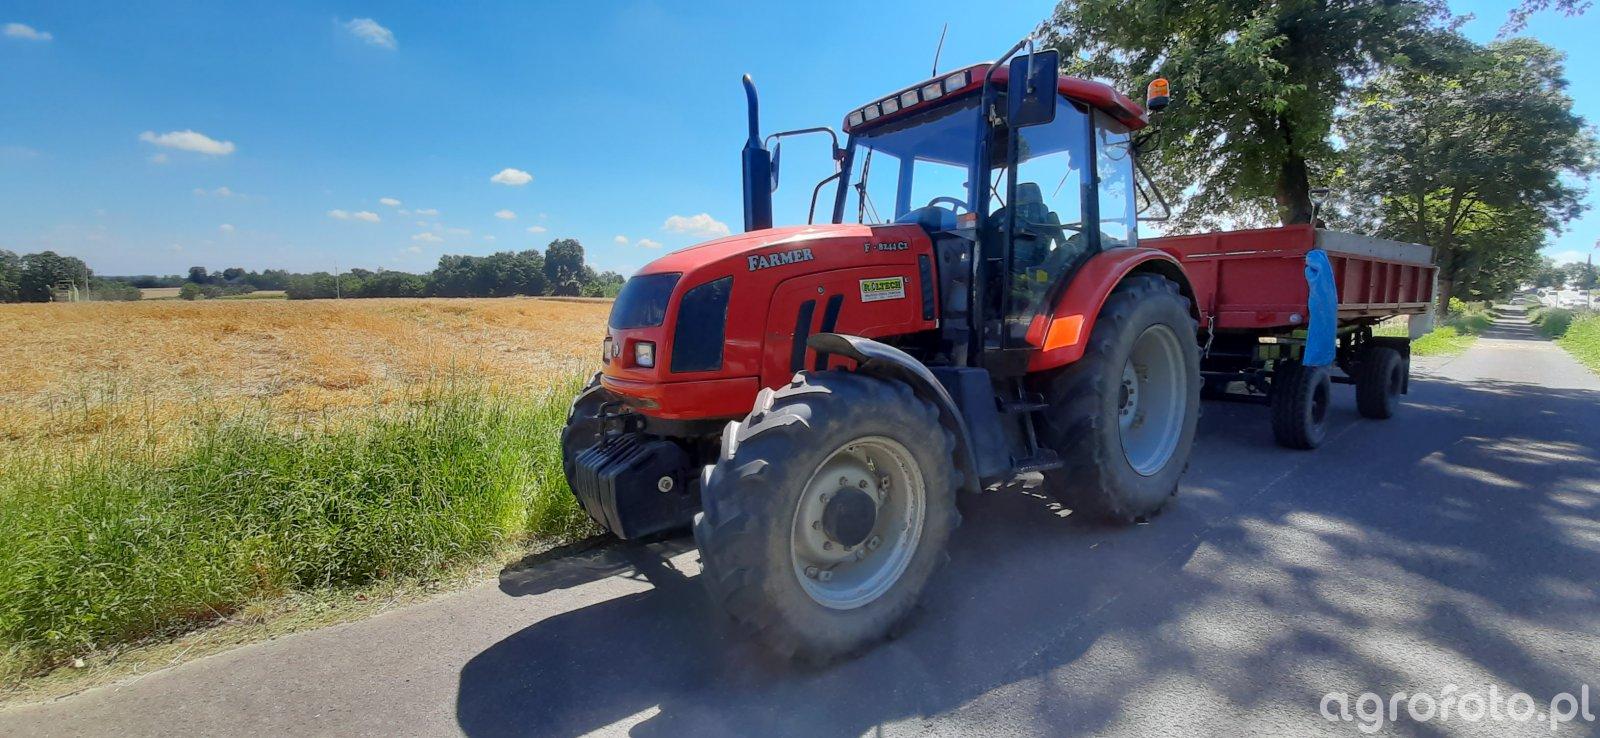 Farmer F-8244 C2 +Autosan D47A